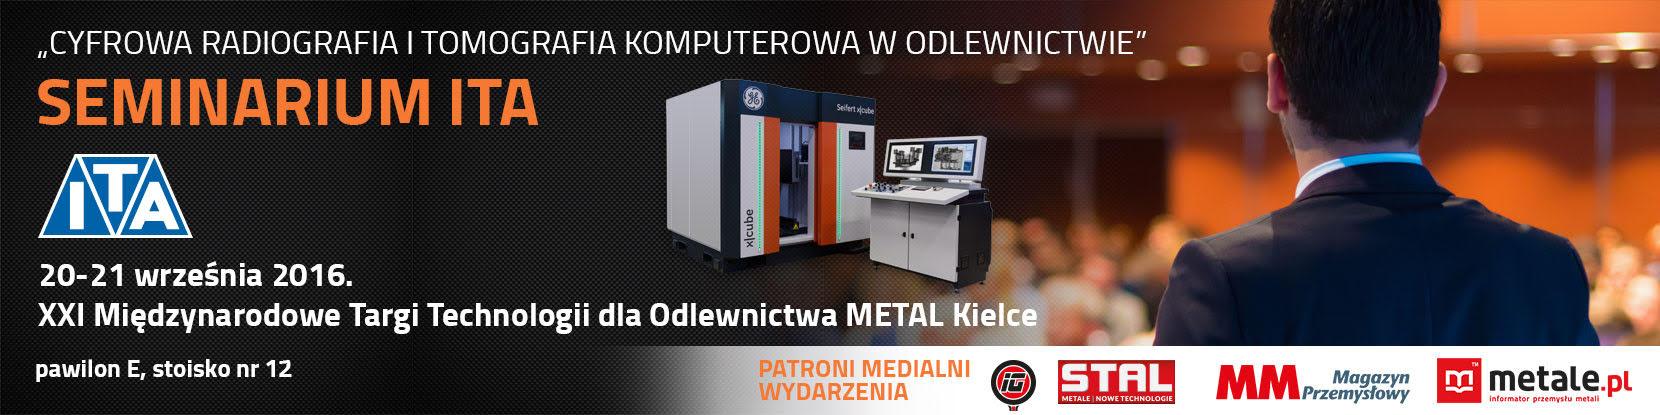 Seminarium ITA - Cyfrowa Radiografia i Tomografia Komputerowa w odlewnictwie